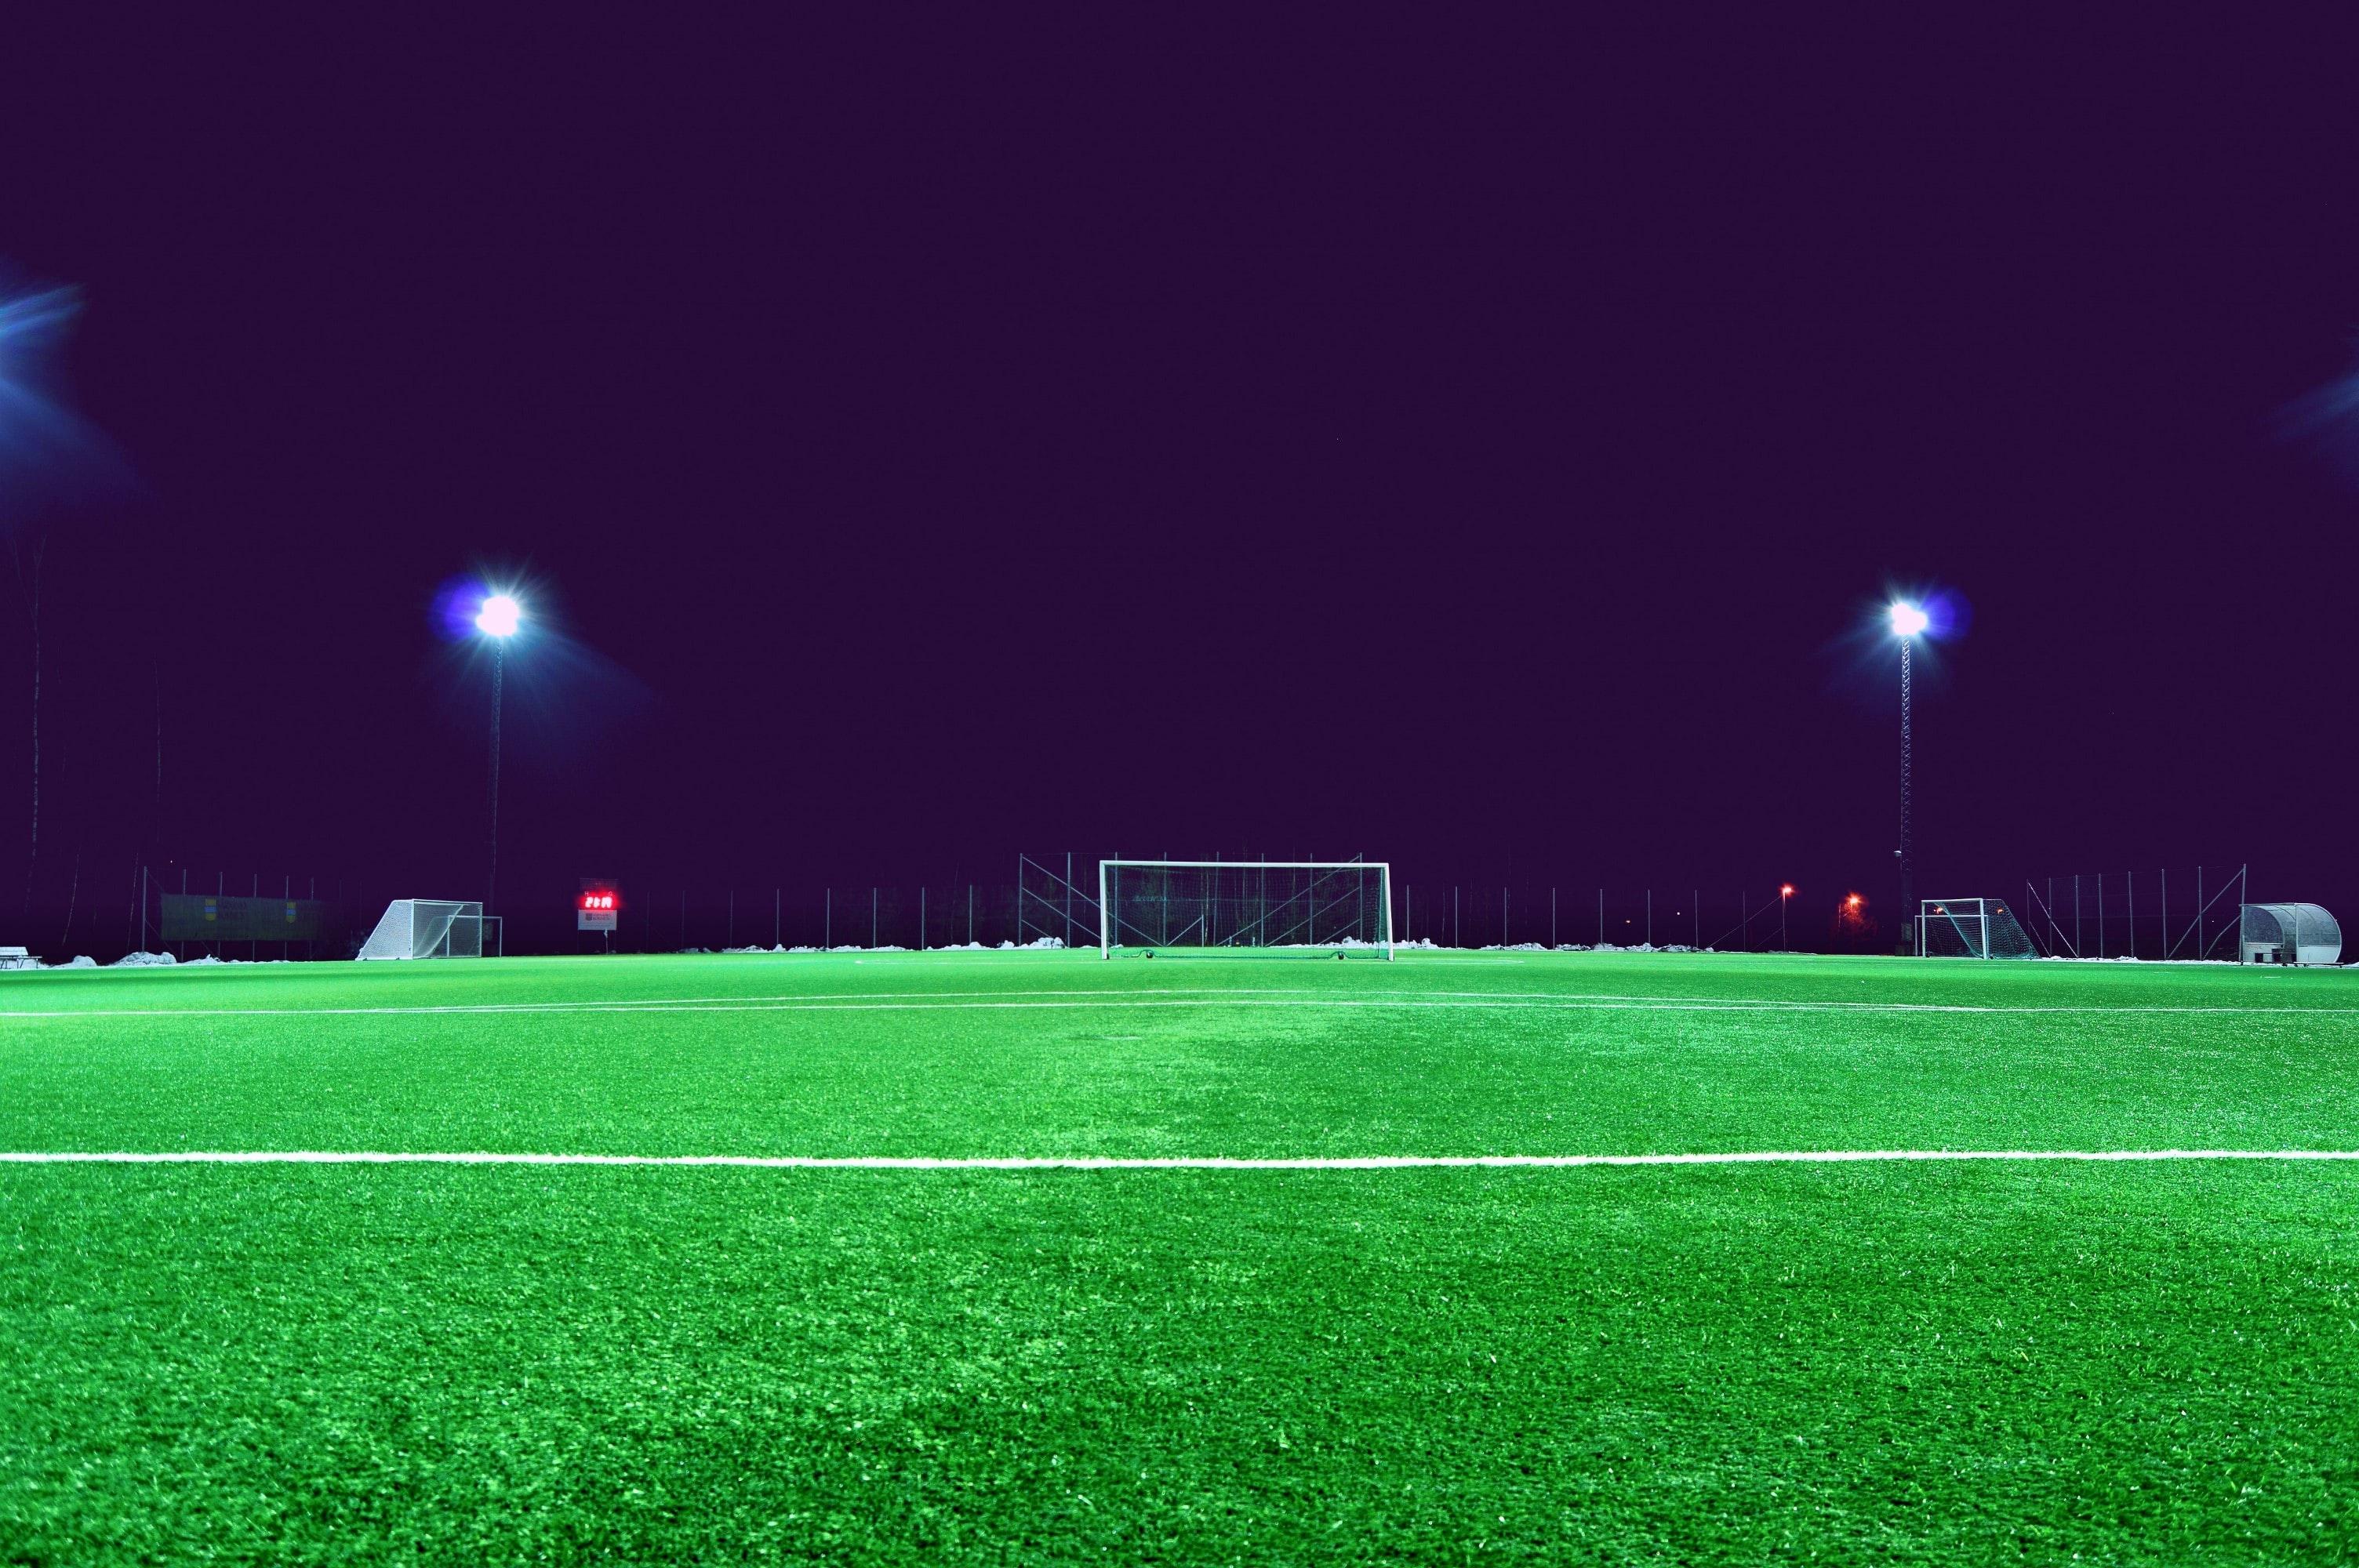 一张绿色足球场的夜间照片,天色昏暗,球门柱两侧有两个高大的 LED 灯